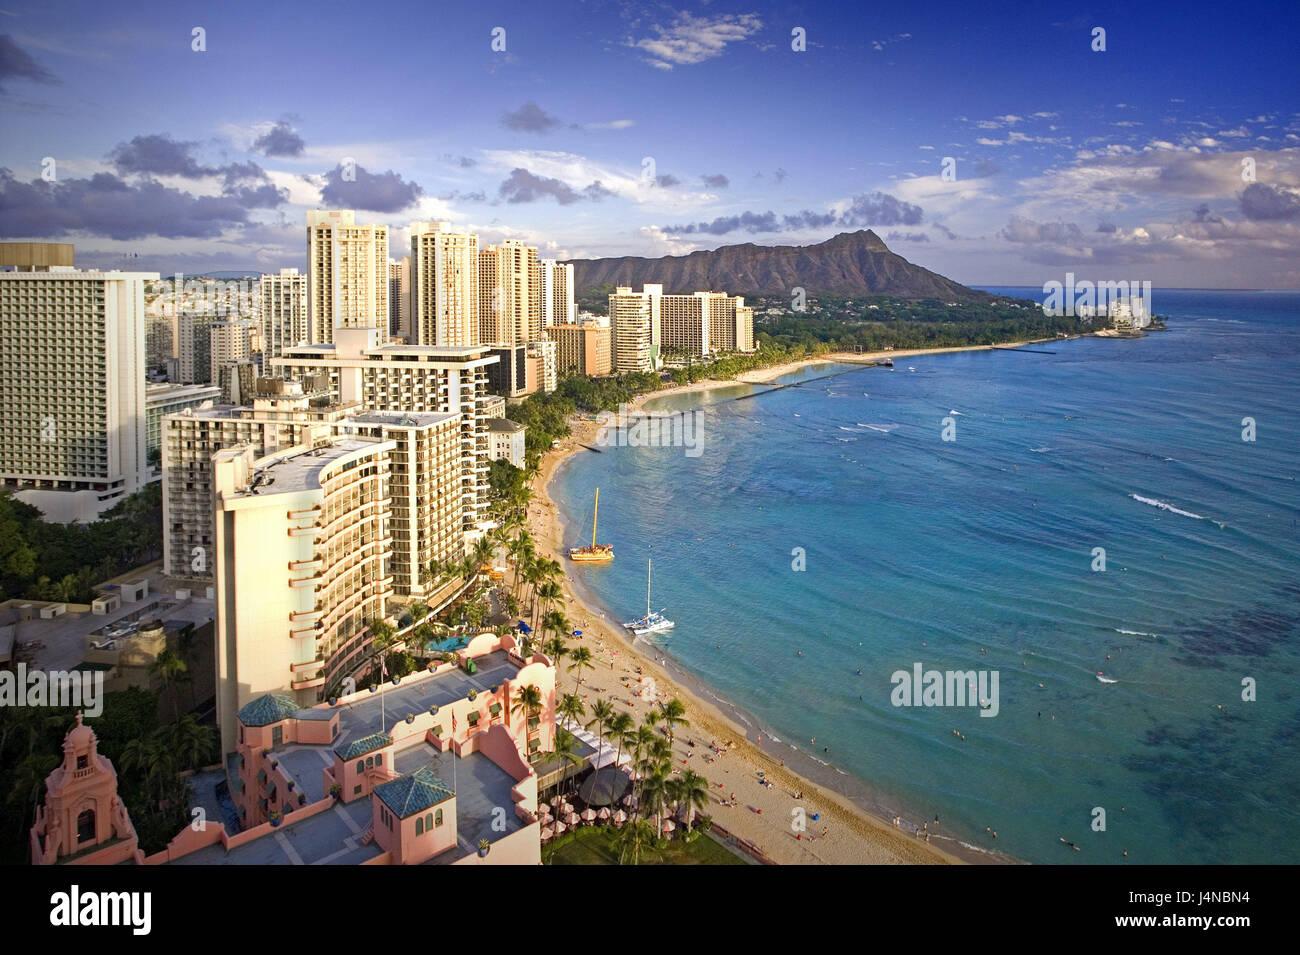 The USA, Hawaii, Oahu Iceland, Honolulu, Waikiki Beach, beach view, the Hawaiian Islands, destination, tourism, - Stock Image